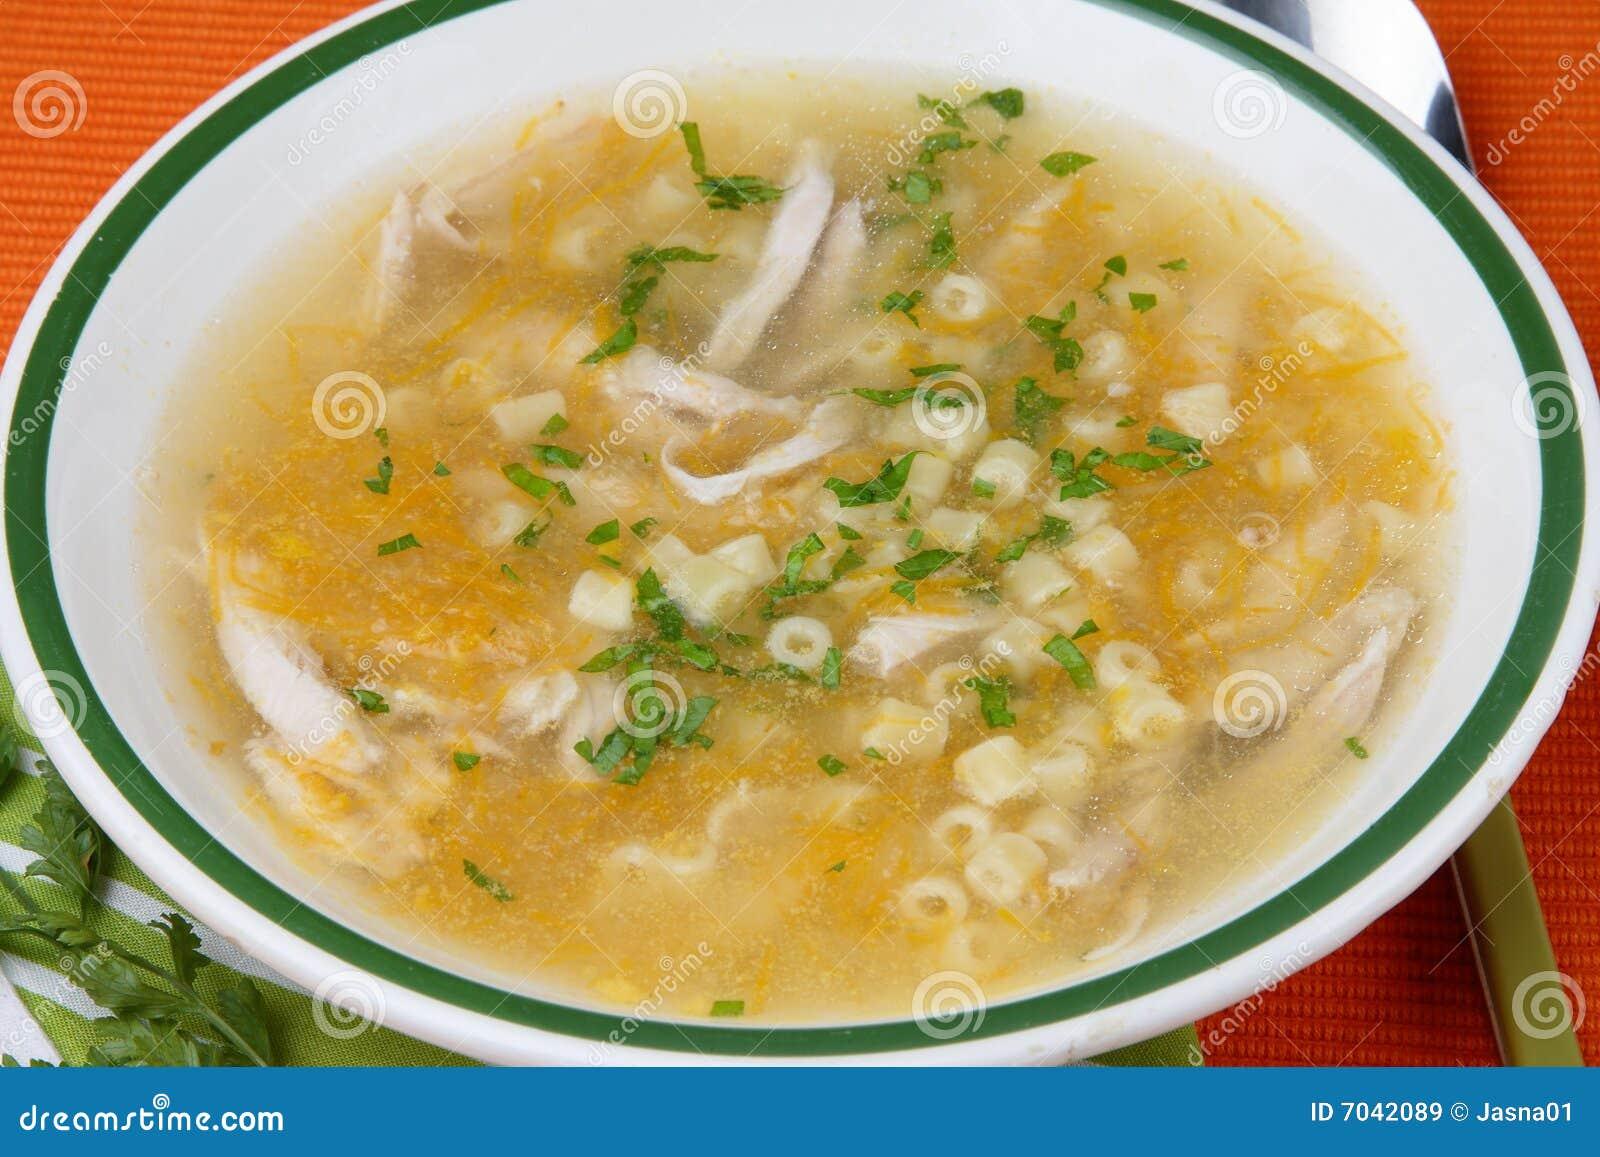 Sopa de galinha com carne